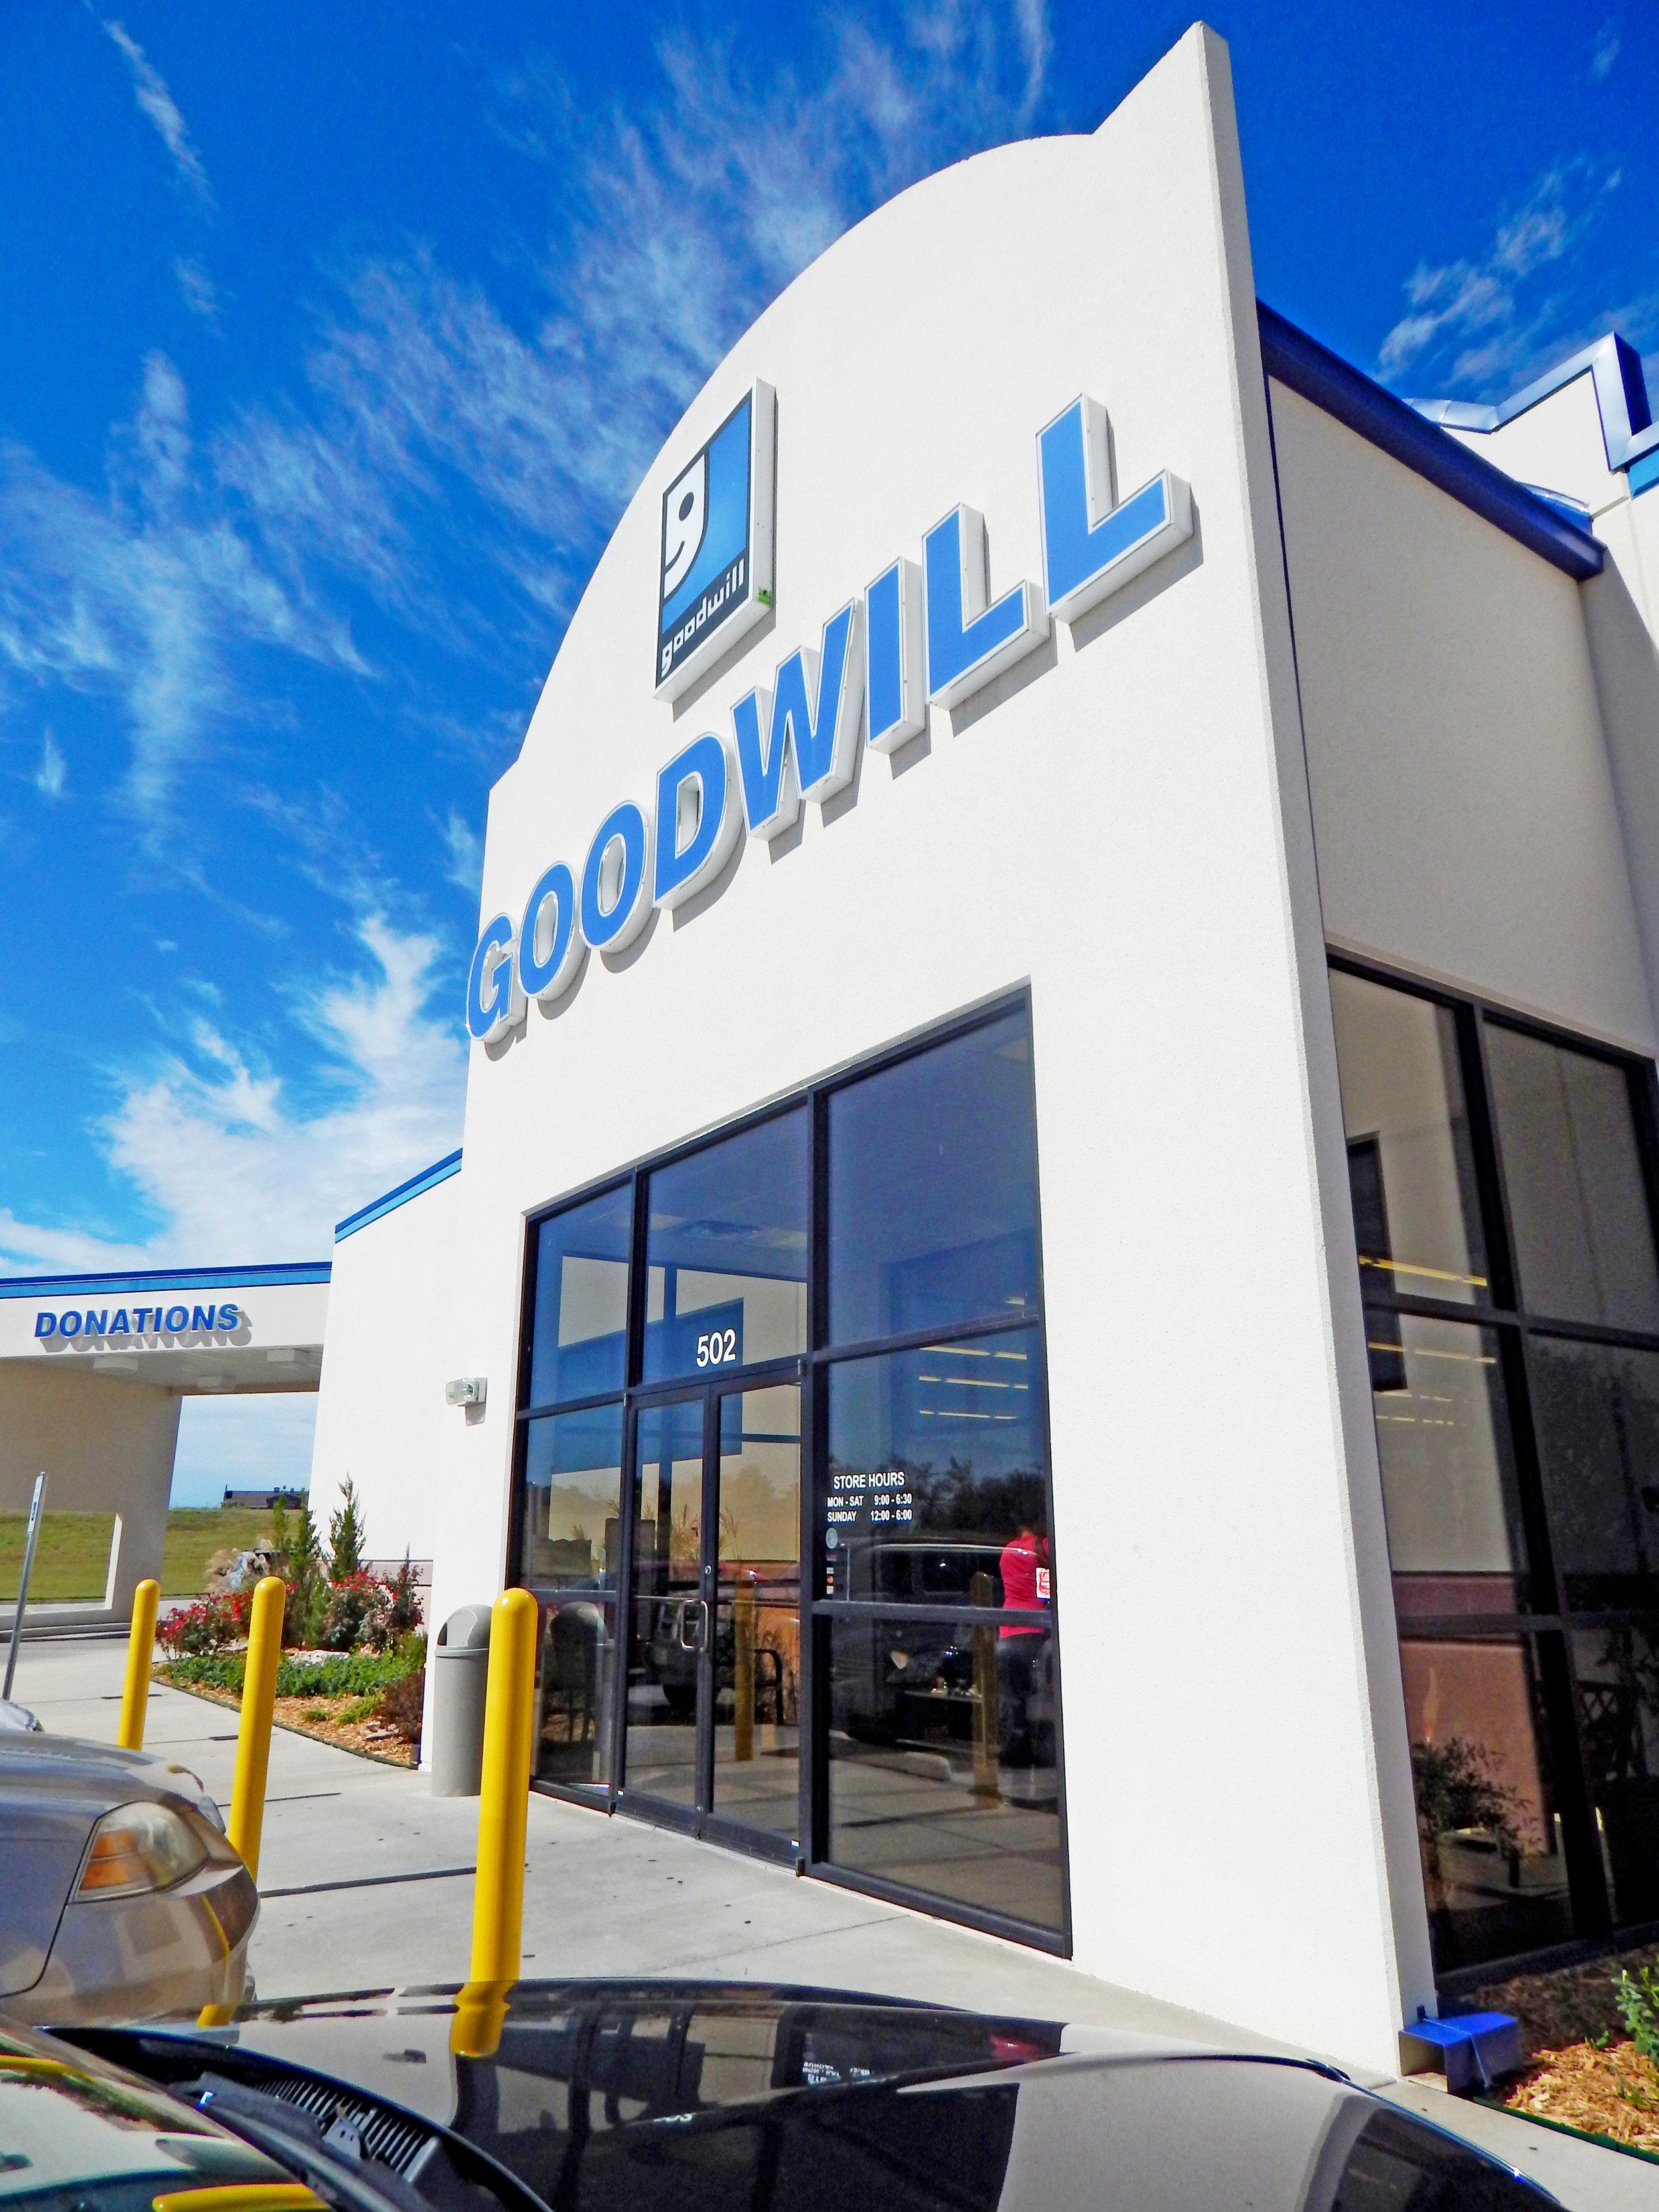 Goodwill-Glenpool-3.jpg